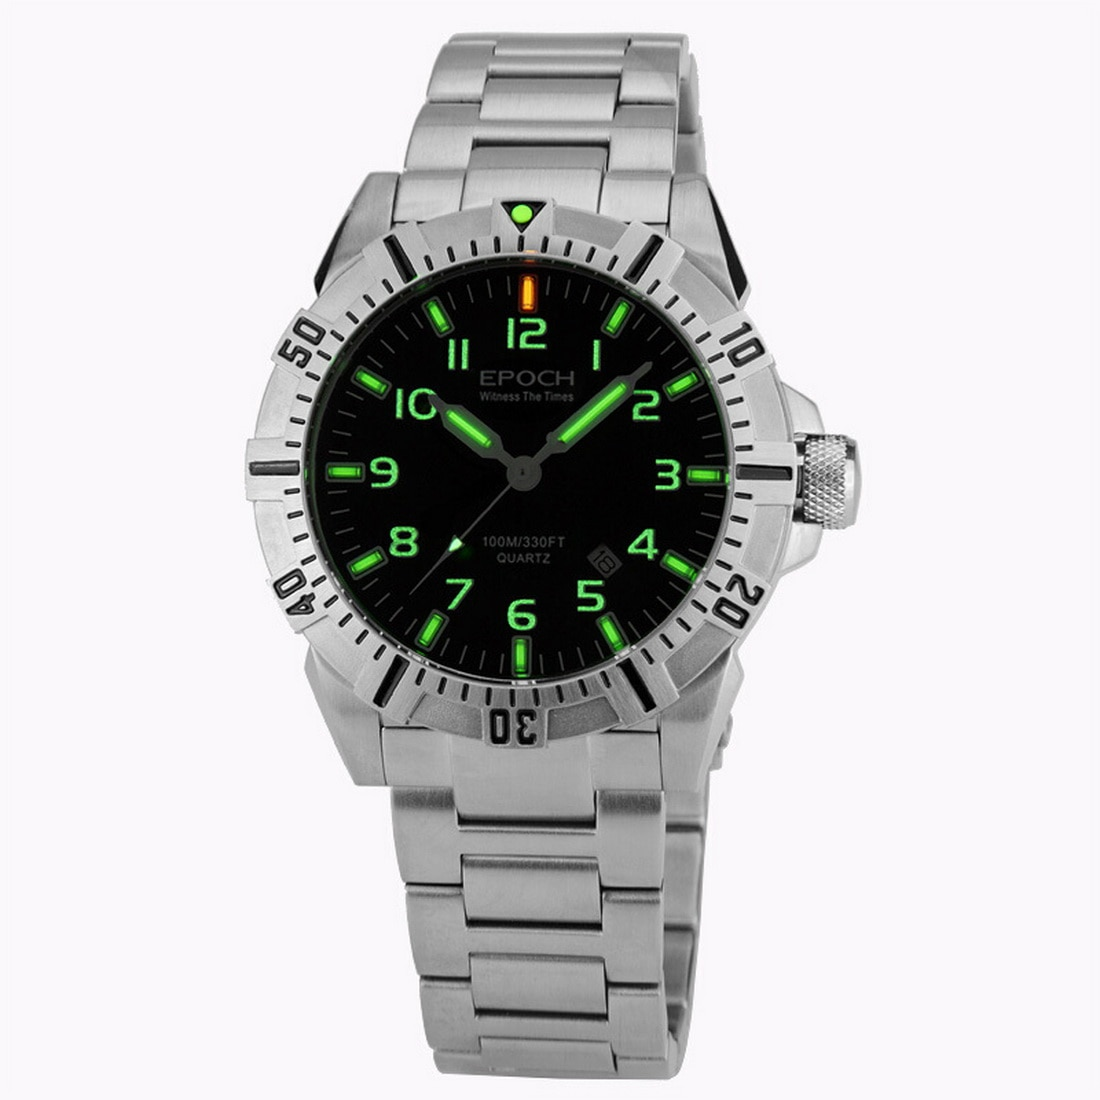 عصر الرجال الطيار ساعة رجالي التريتيوم الساعات العسكرية T25 مضيئة الأعمال كوارتز ساعة اليد 100 متر مقاوم للماء الياقوت الكريستال